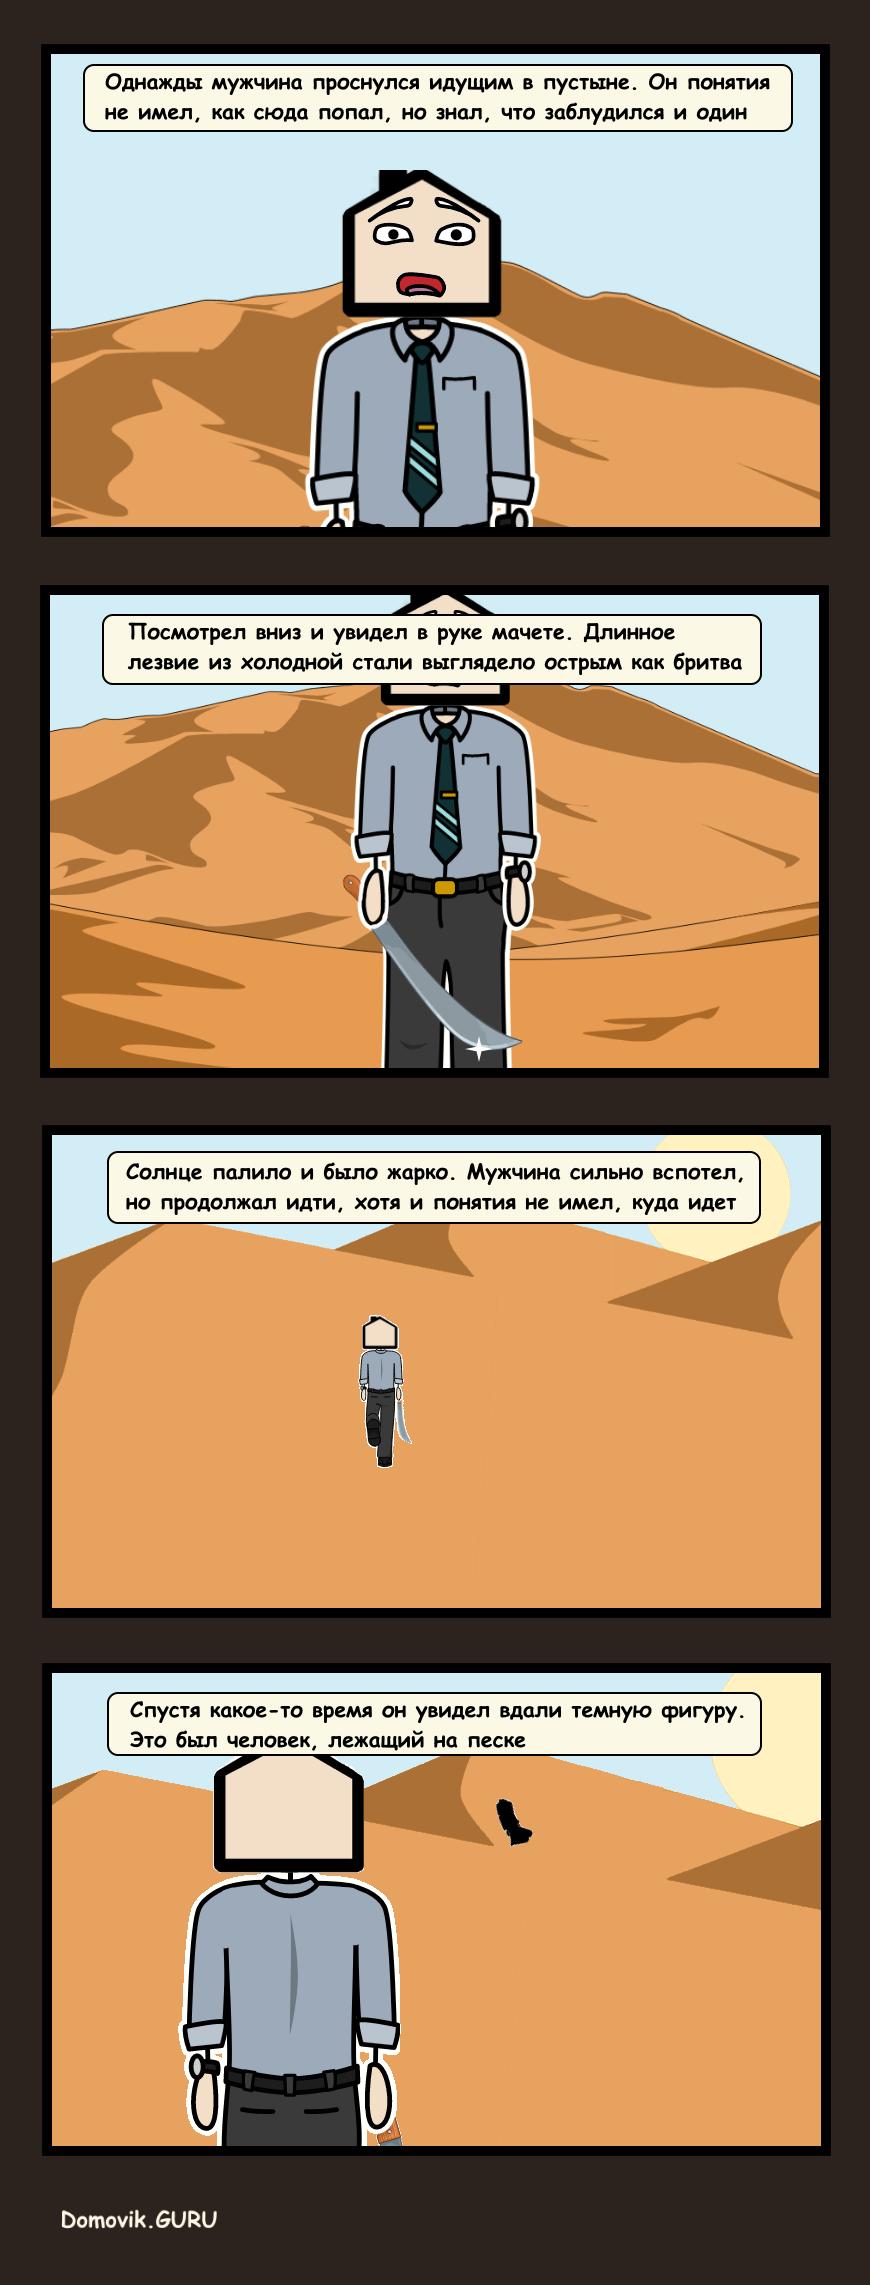 Бесконечная петля комикс